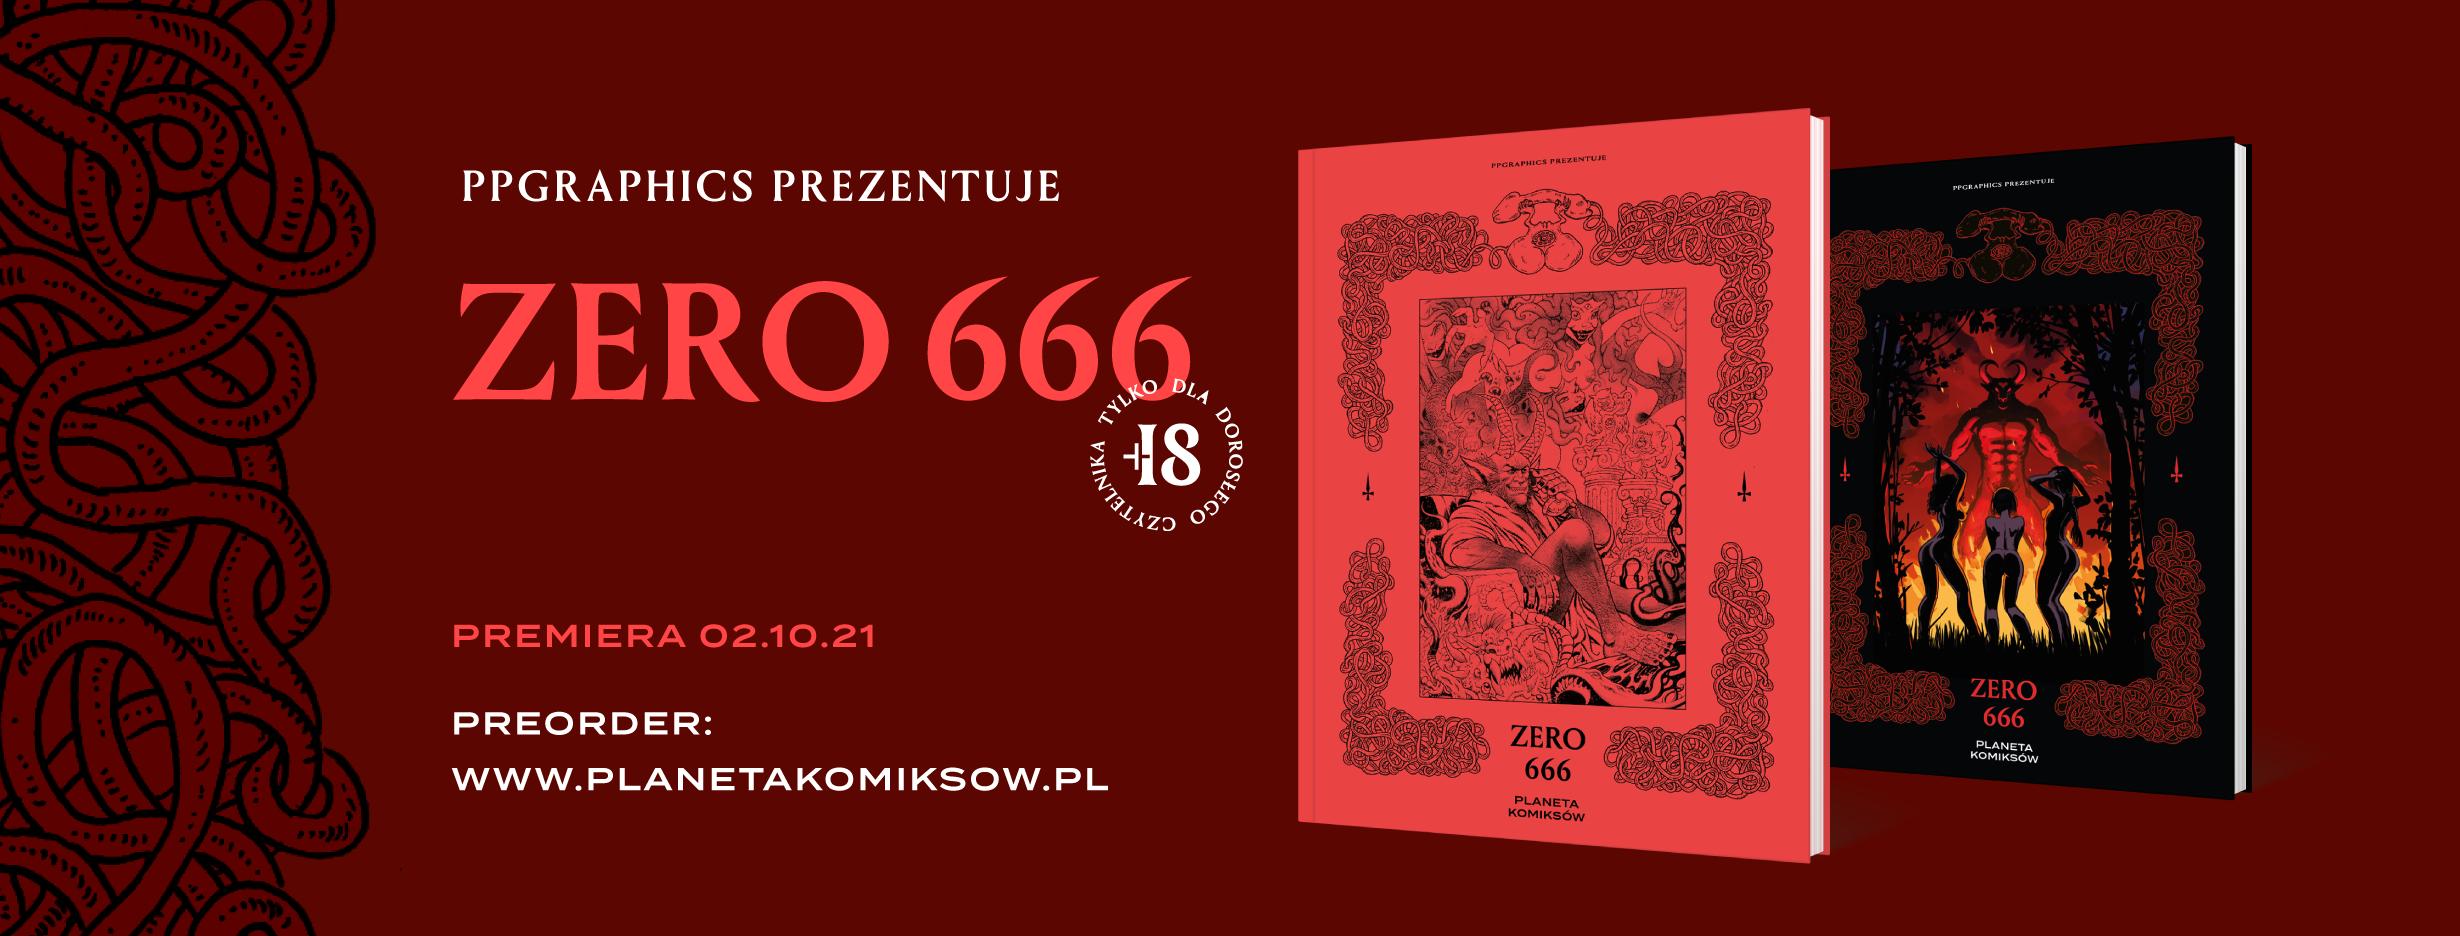 Okładki ZERO-666, nowej odsłony PPGraphics! Preordery już w przyszłym tygodniu!